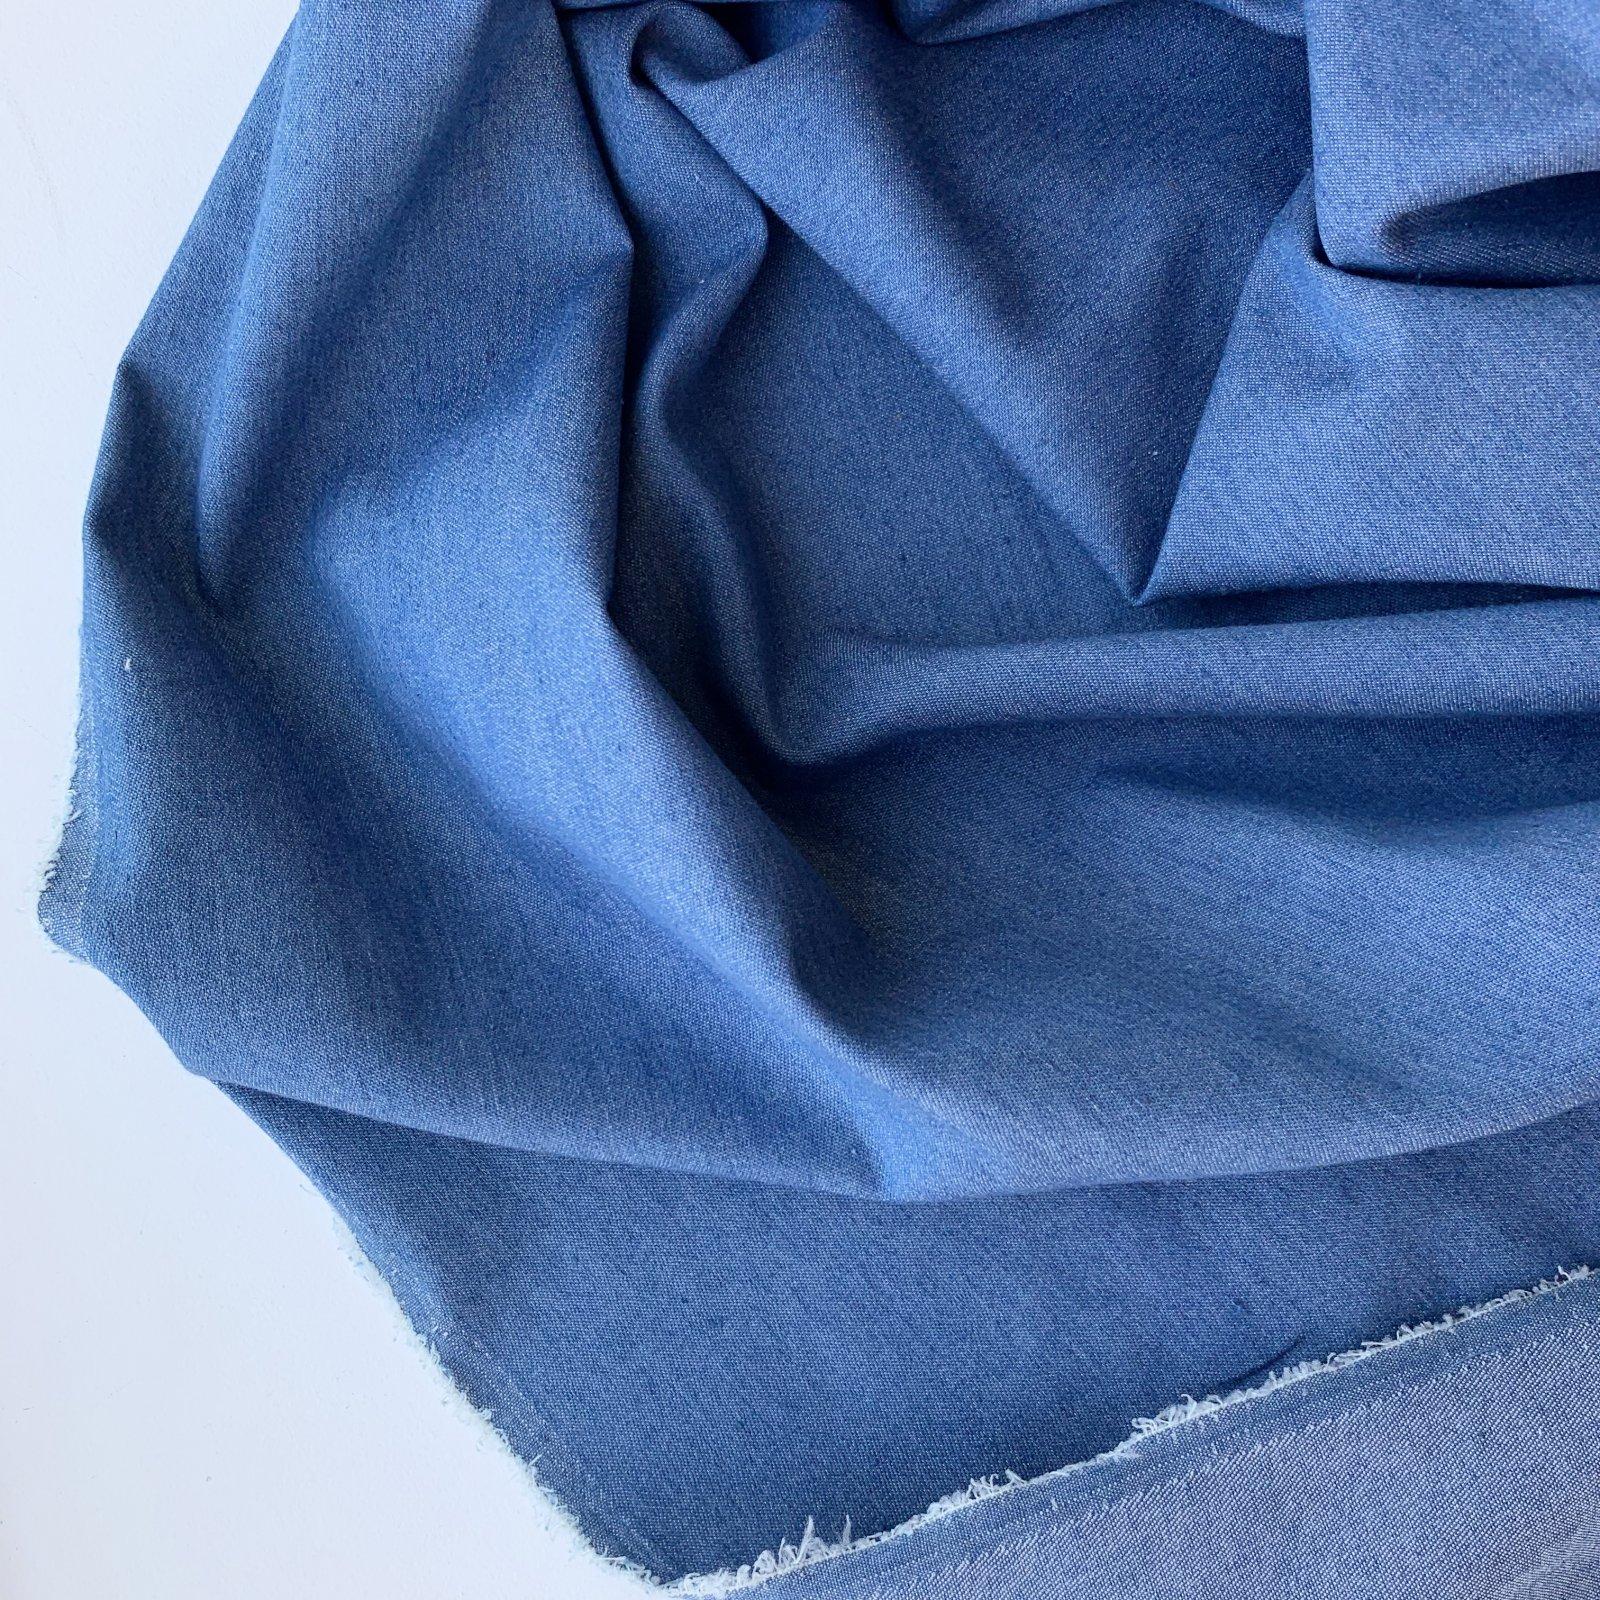 Designer Deadstock Lighweight Denim - Mid Blue 56